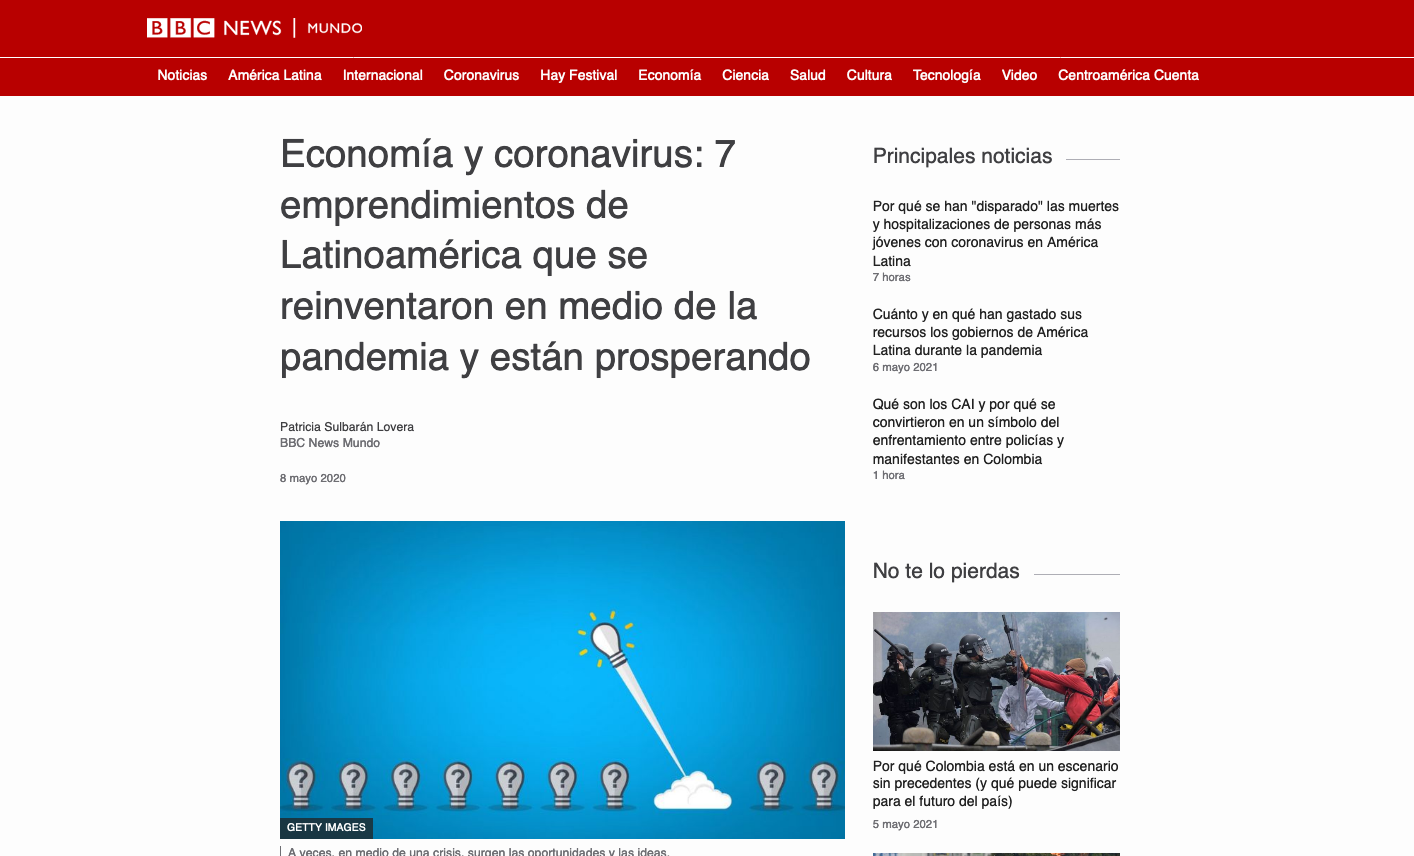 Discoteca y clases de kárate on line, mascarillas de cobre… latinoamérica reinventando su economía